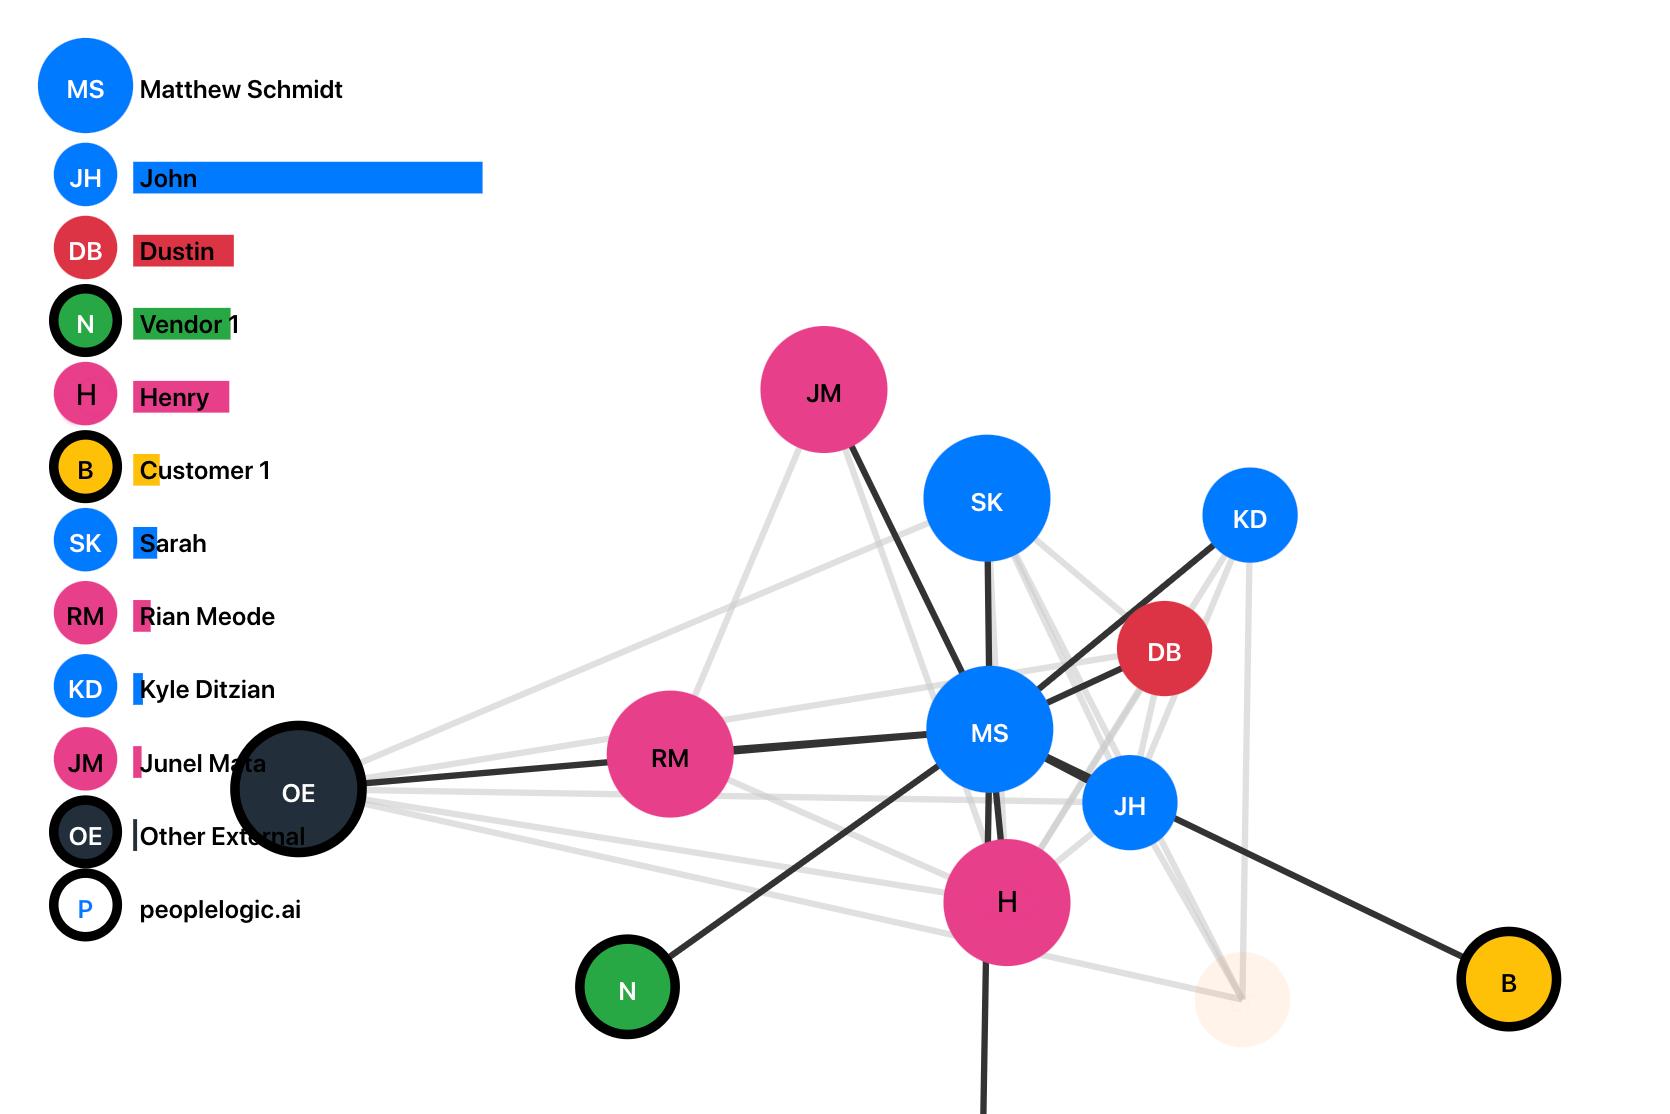 automated organizational network analysis